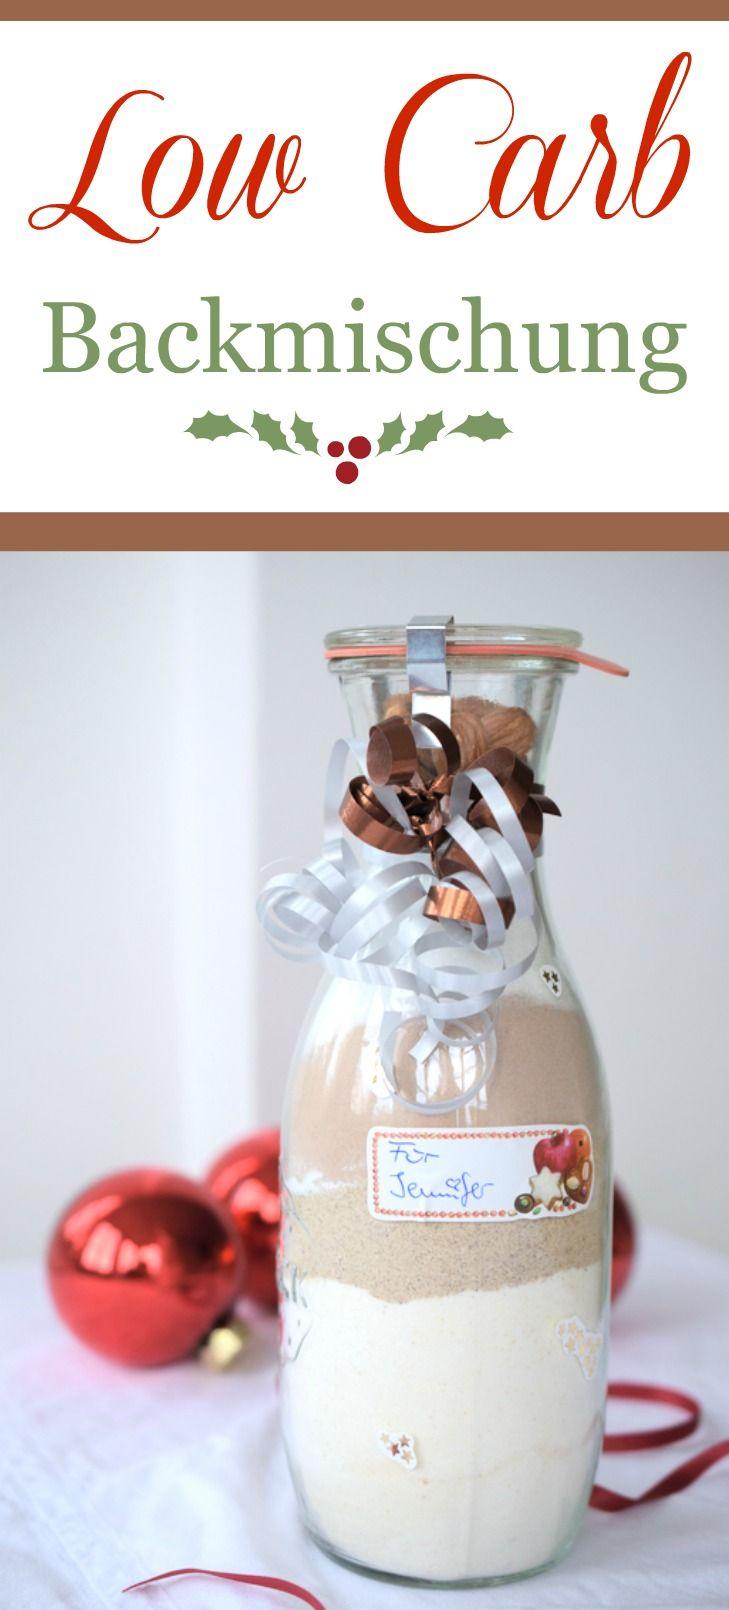 Low Carb Backmischung ☆ Idee zum Verschenken an Weihnachten. Ein kohlenhydratarmes Rezept ausrucken, dranbinden und fertig ist ein Low Carb Backmischung.